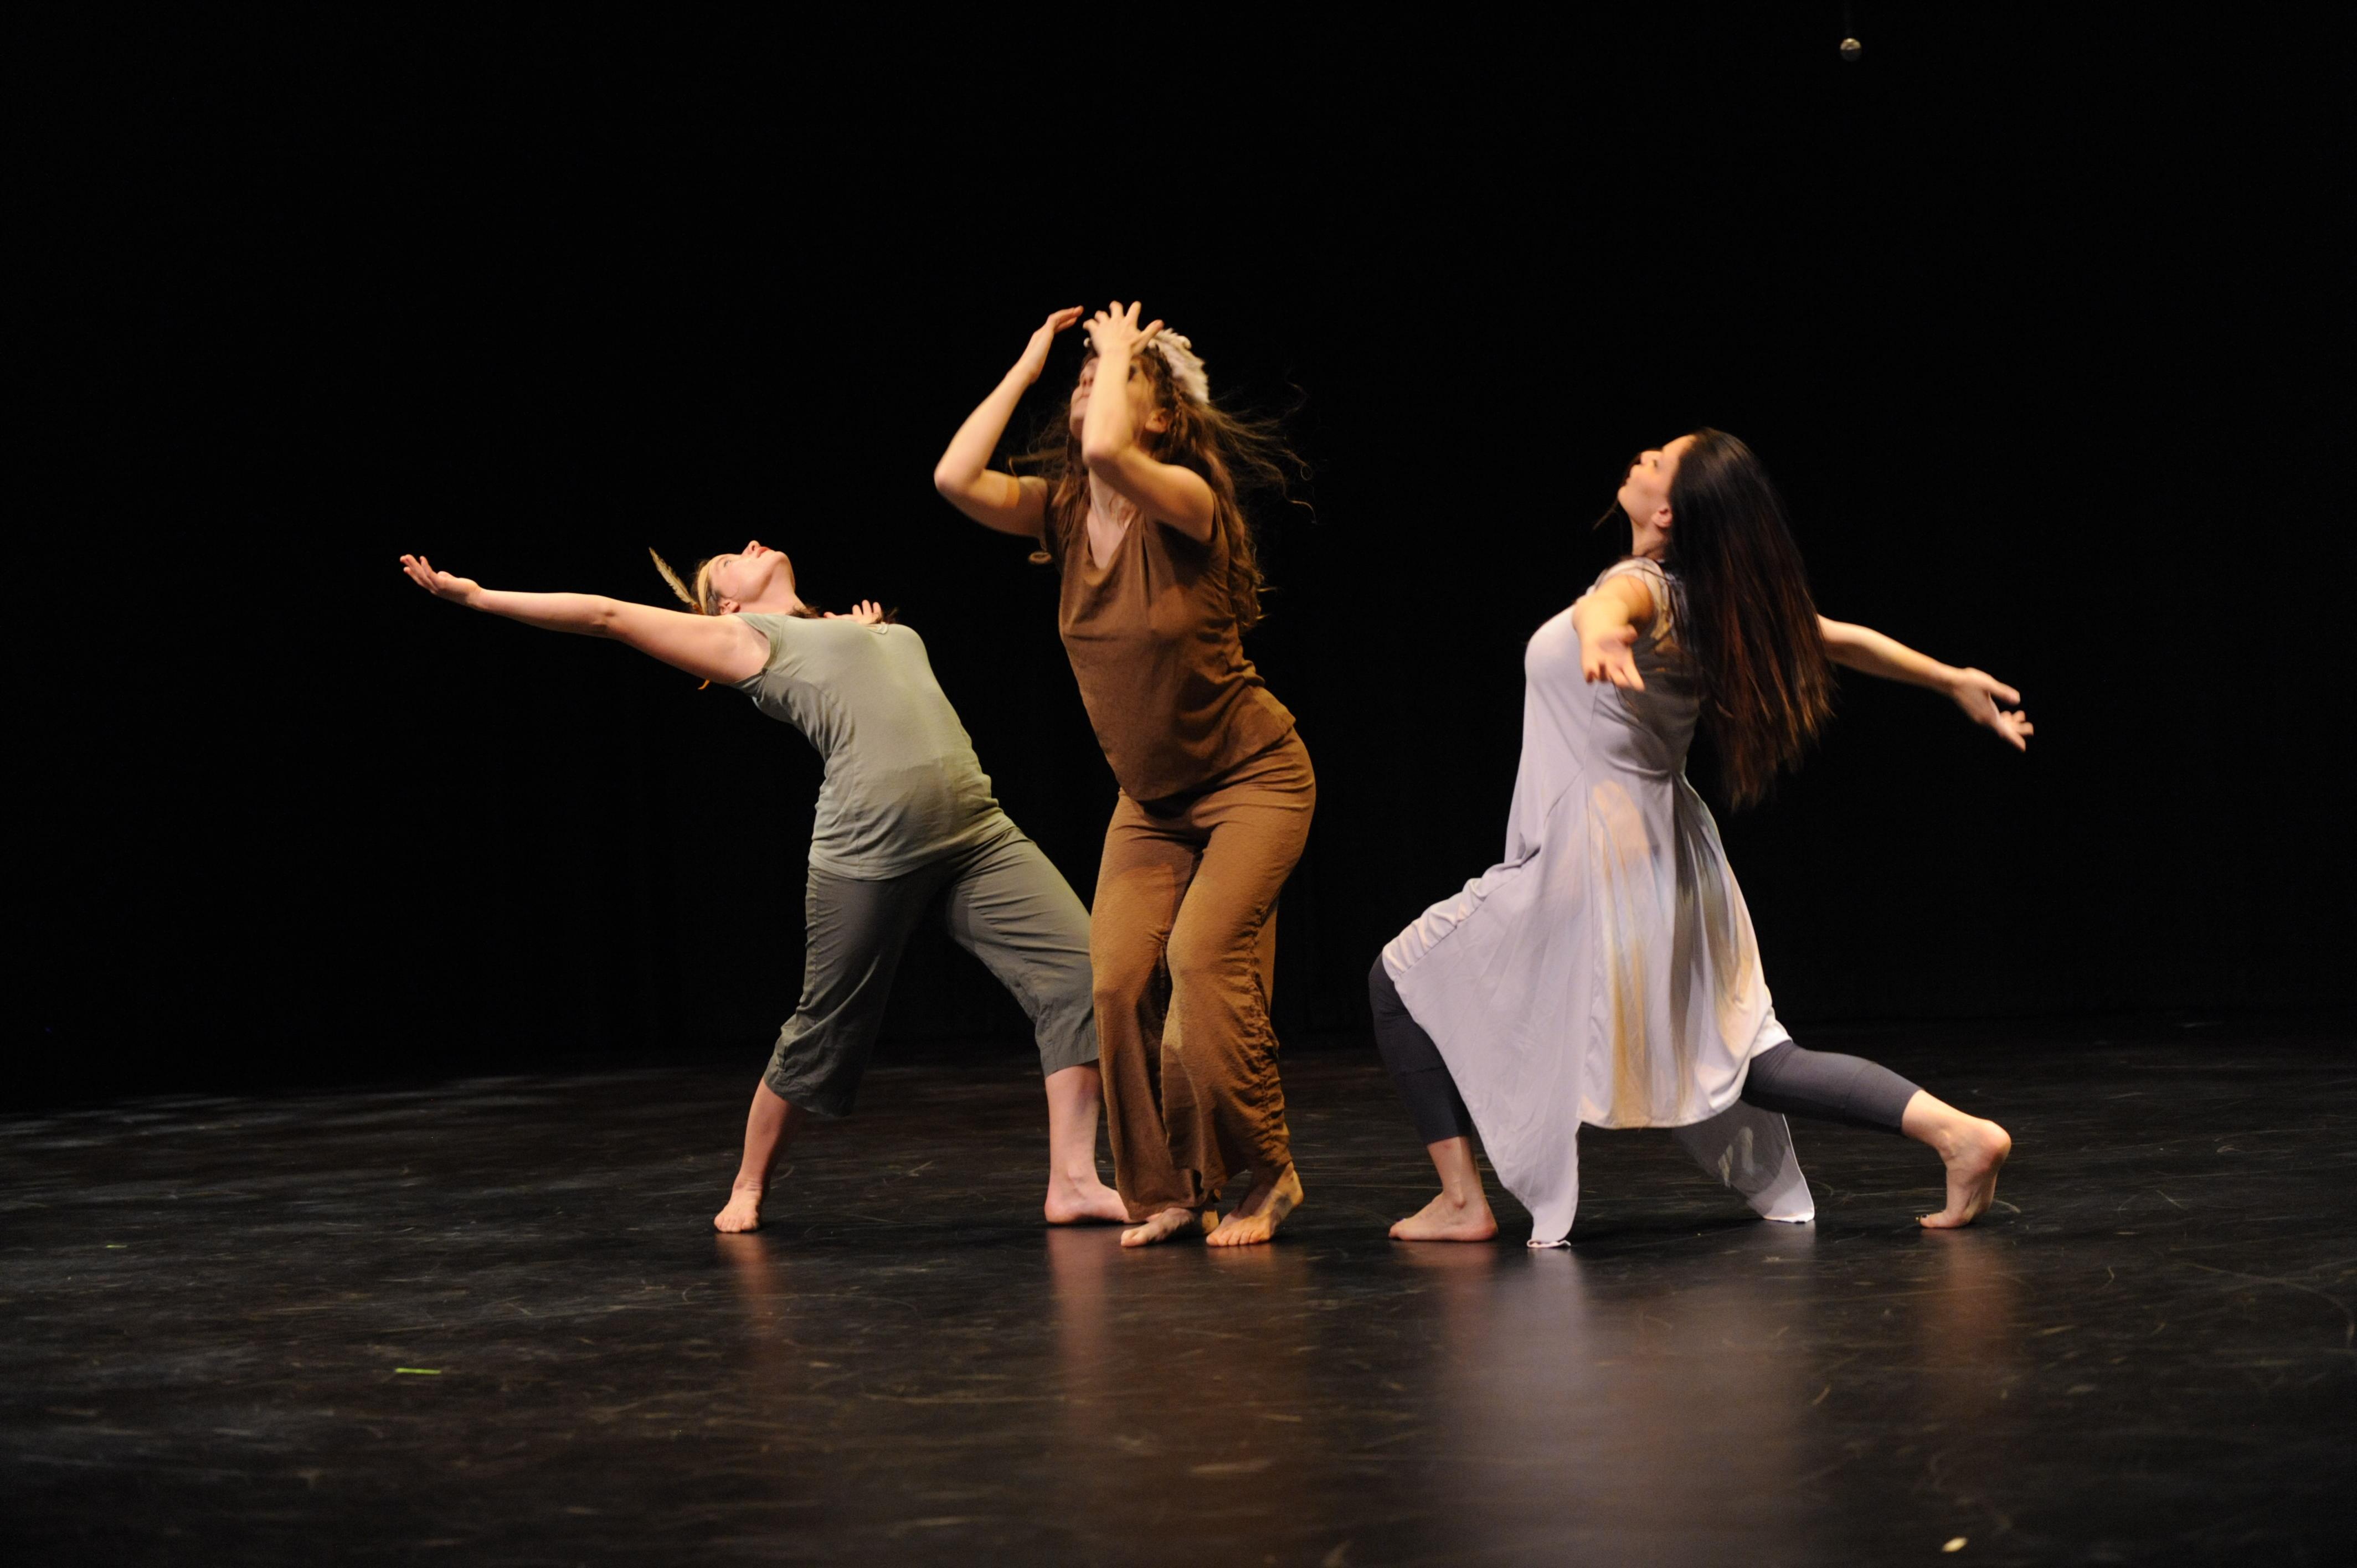 3 Contemp Shadow Dancers 20 Rest 1 Dance 2